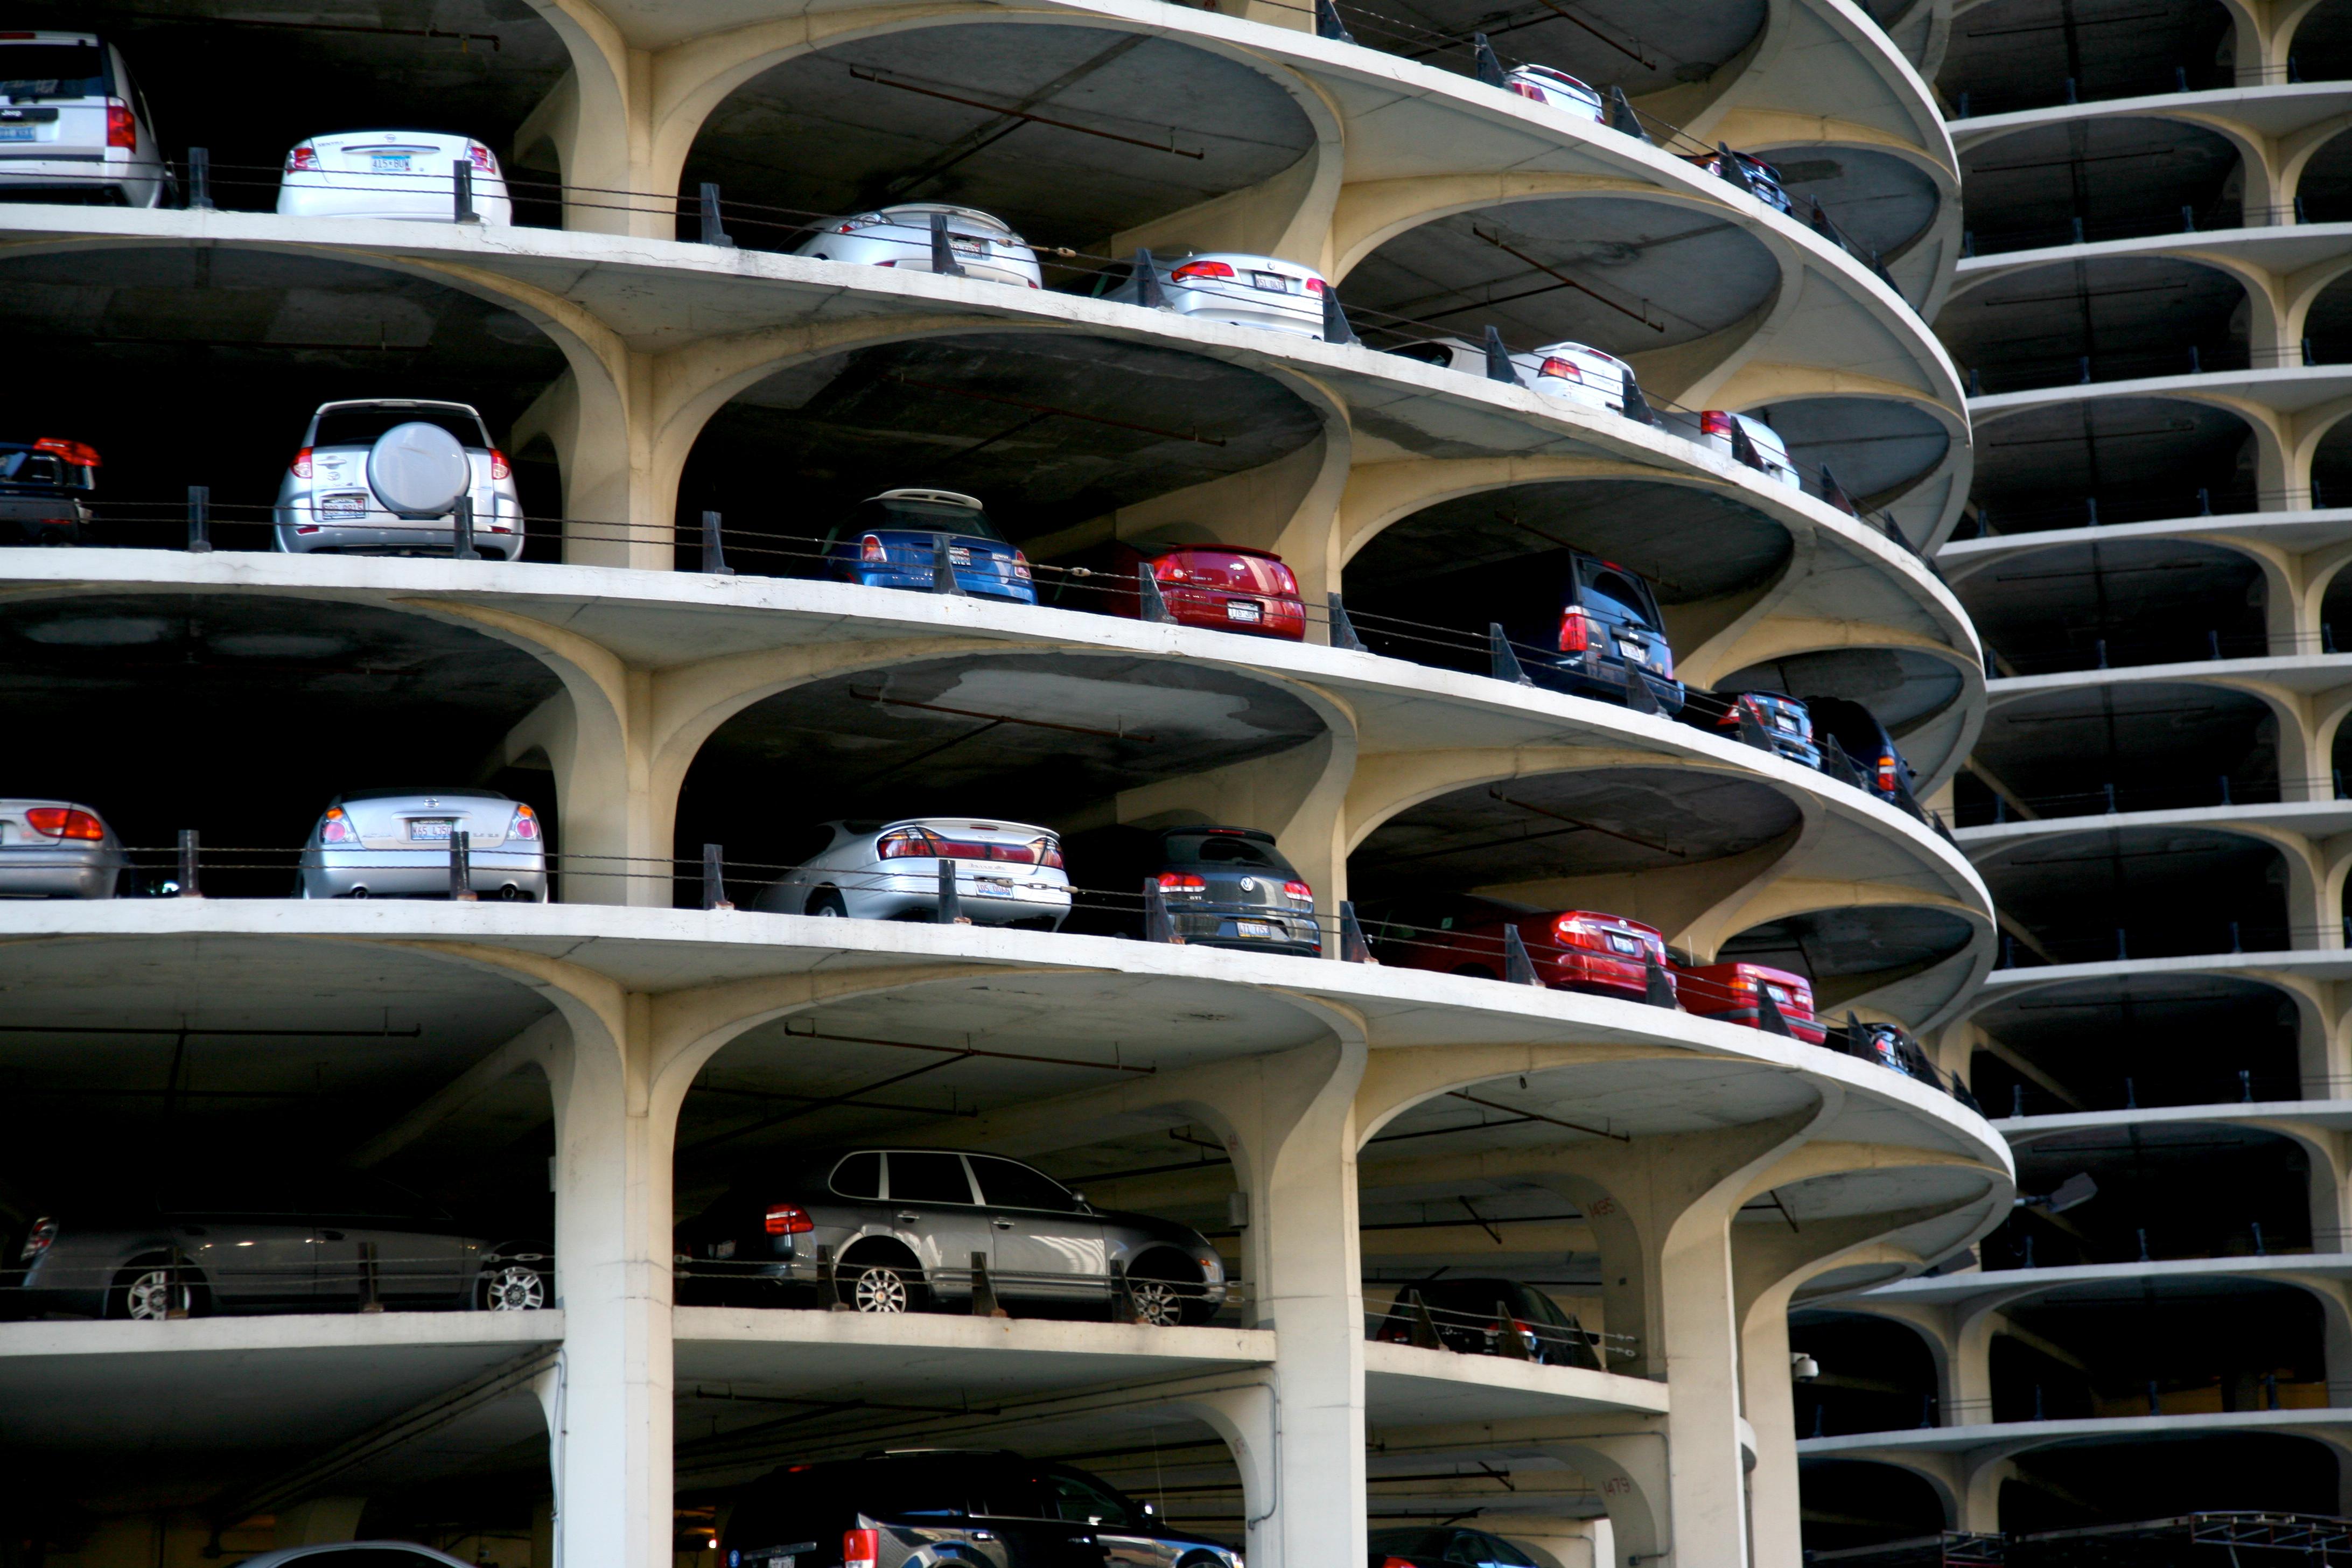 480 Koleksi Gambar Mobil City HD Terbaik